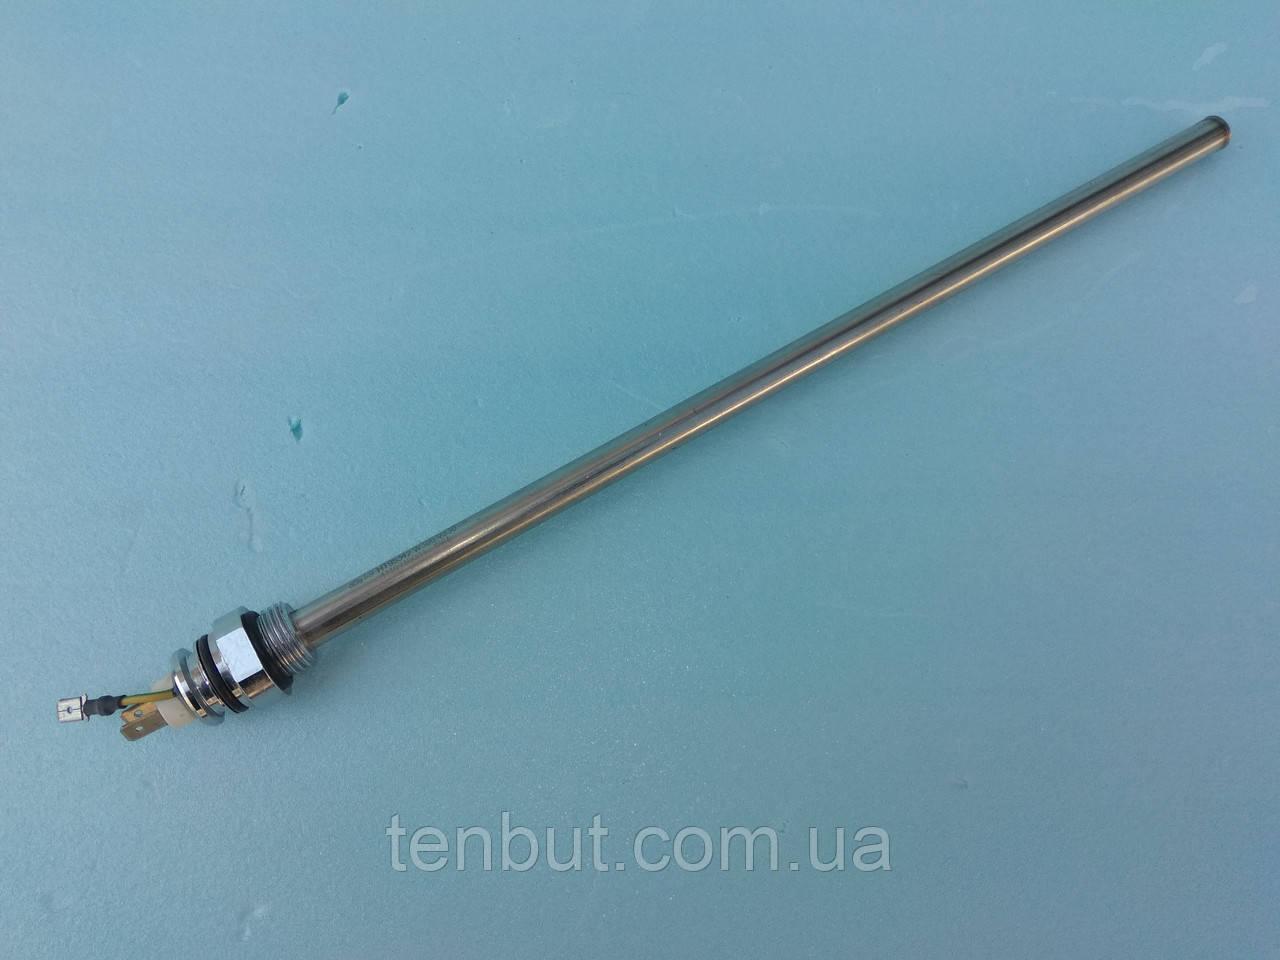 Тэн патронного типа 1500Вт./230В/ 1,1 метра в алюминиевую батарею и в полотенцесушитель производство Италия НТ